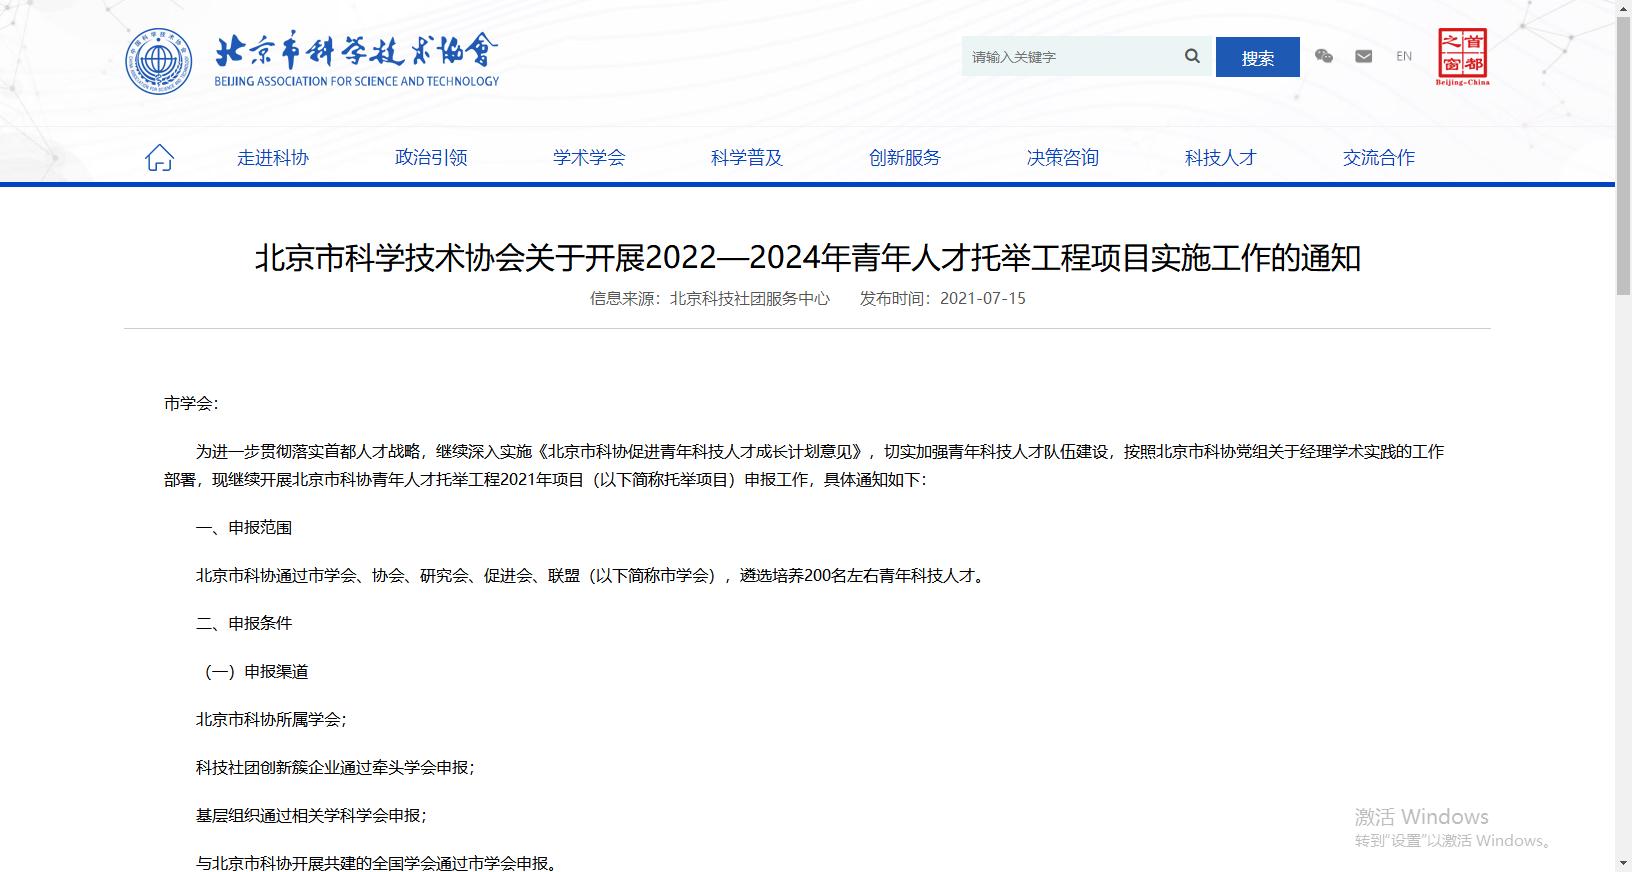 北京市科学技术协会关于开展2022—2024年青年人才托举工程项目实施工作的通知